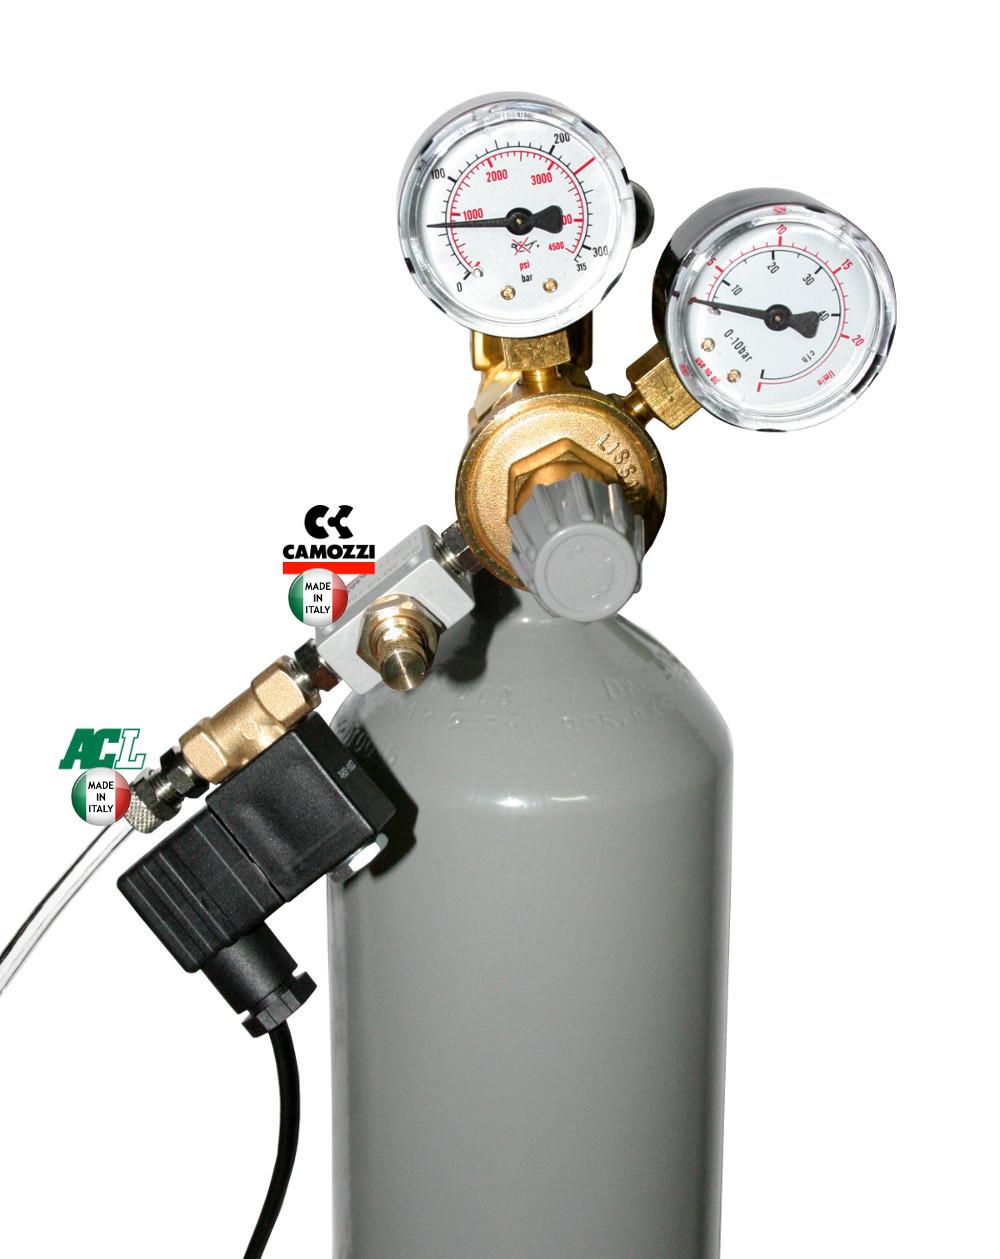 Kompletní CO2 set s 4 l lahví s nočním vypínáním s pH kontrolérem